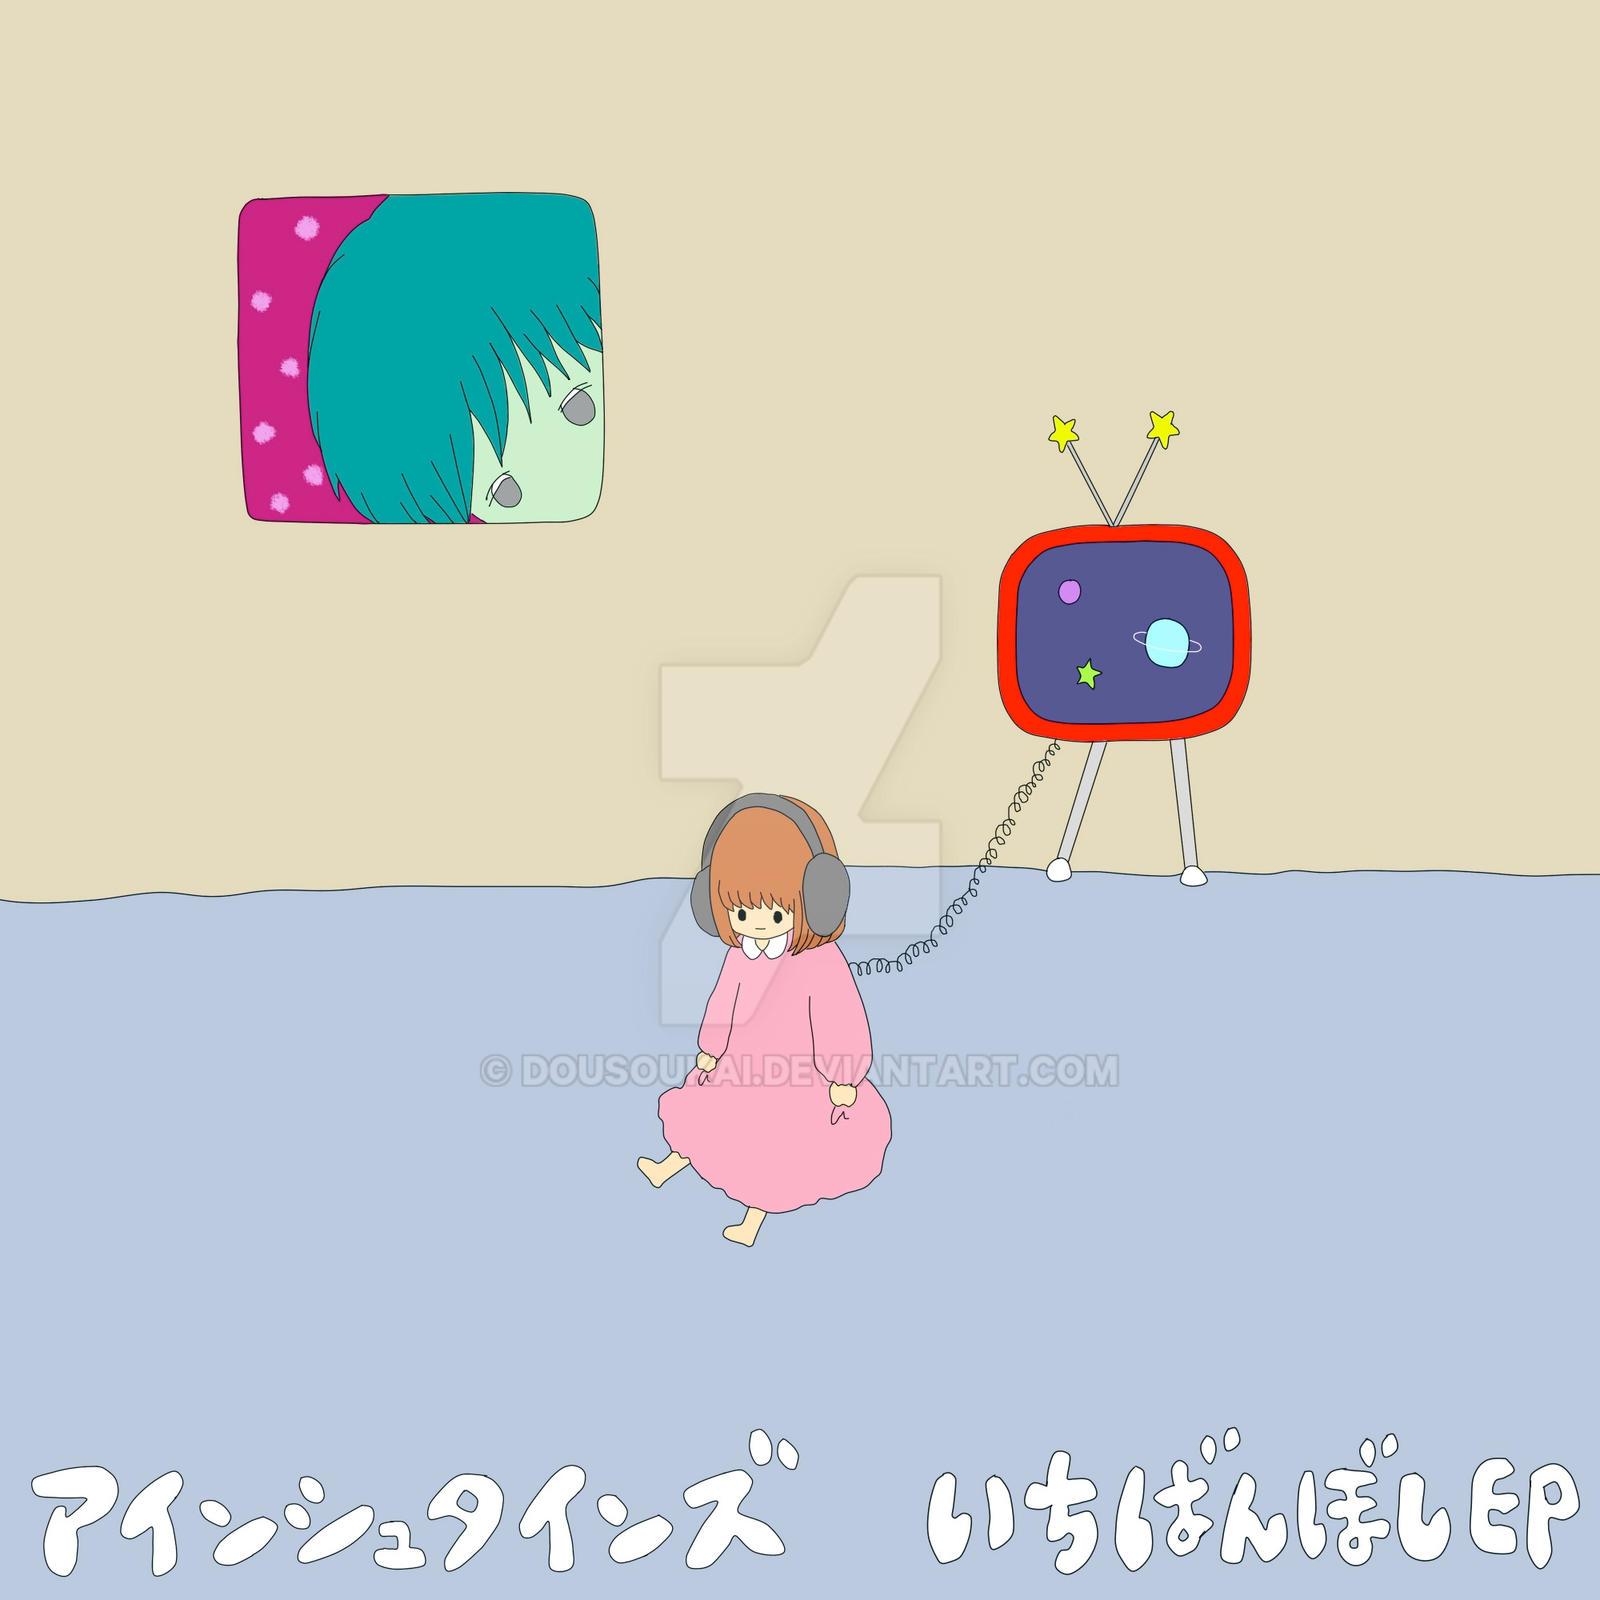 Einsteins - Ichiban Boshi EP by dousoukai